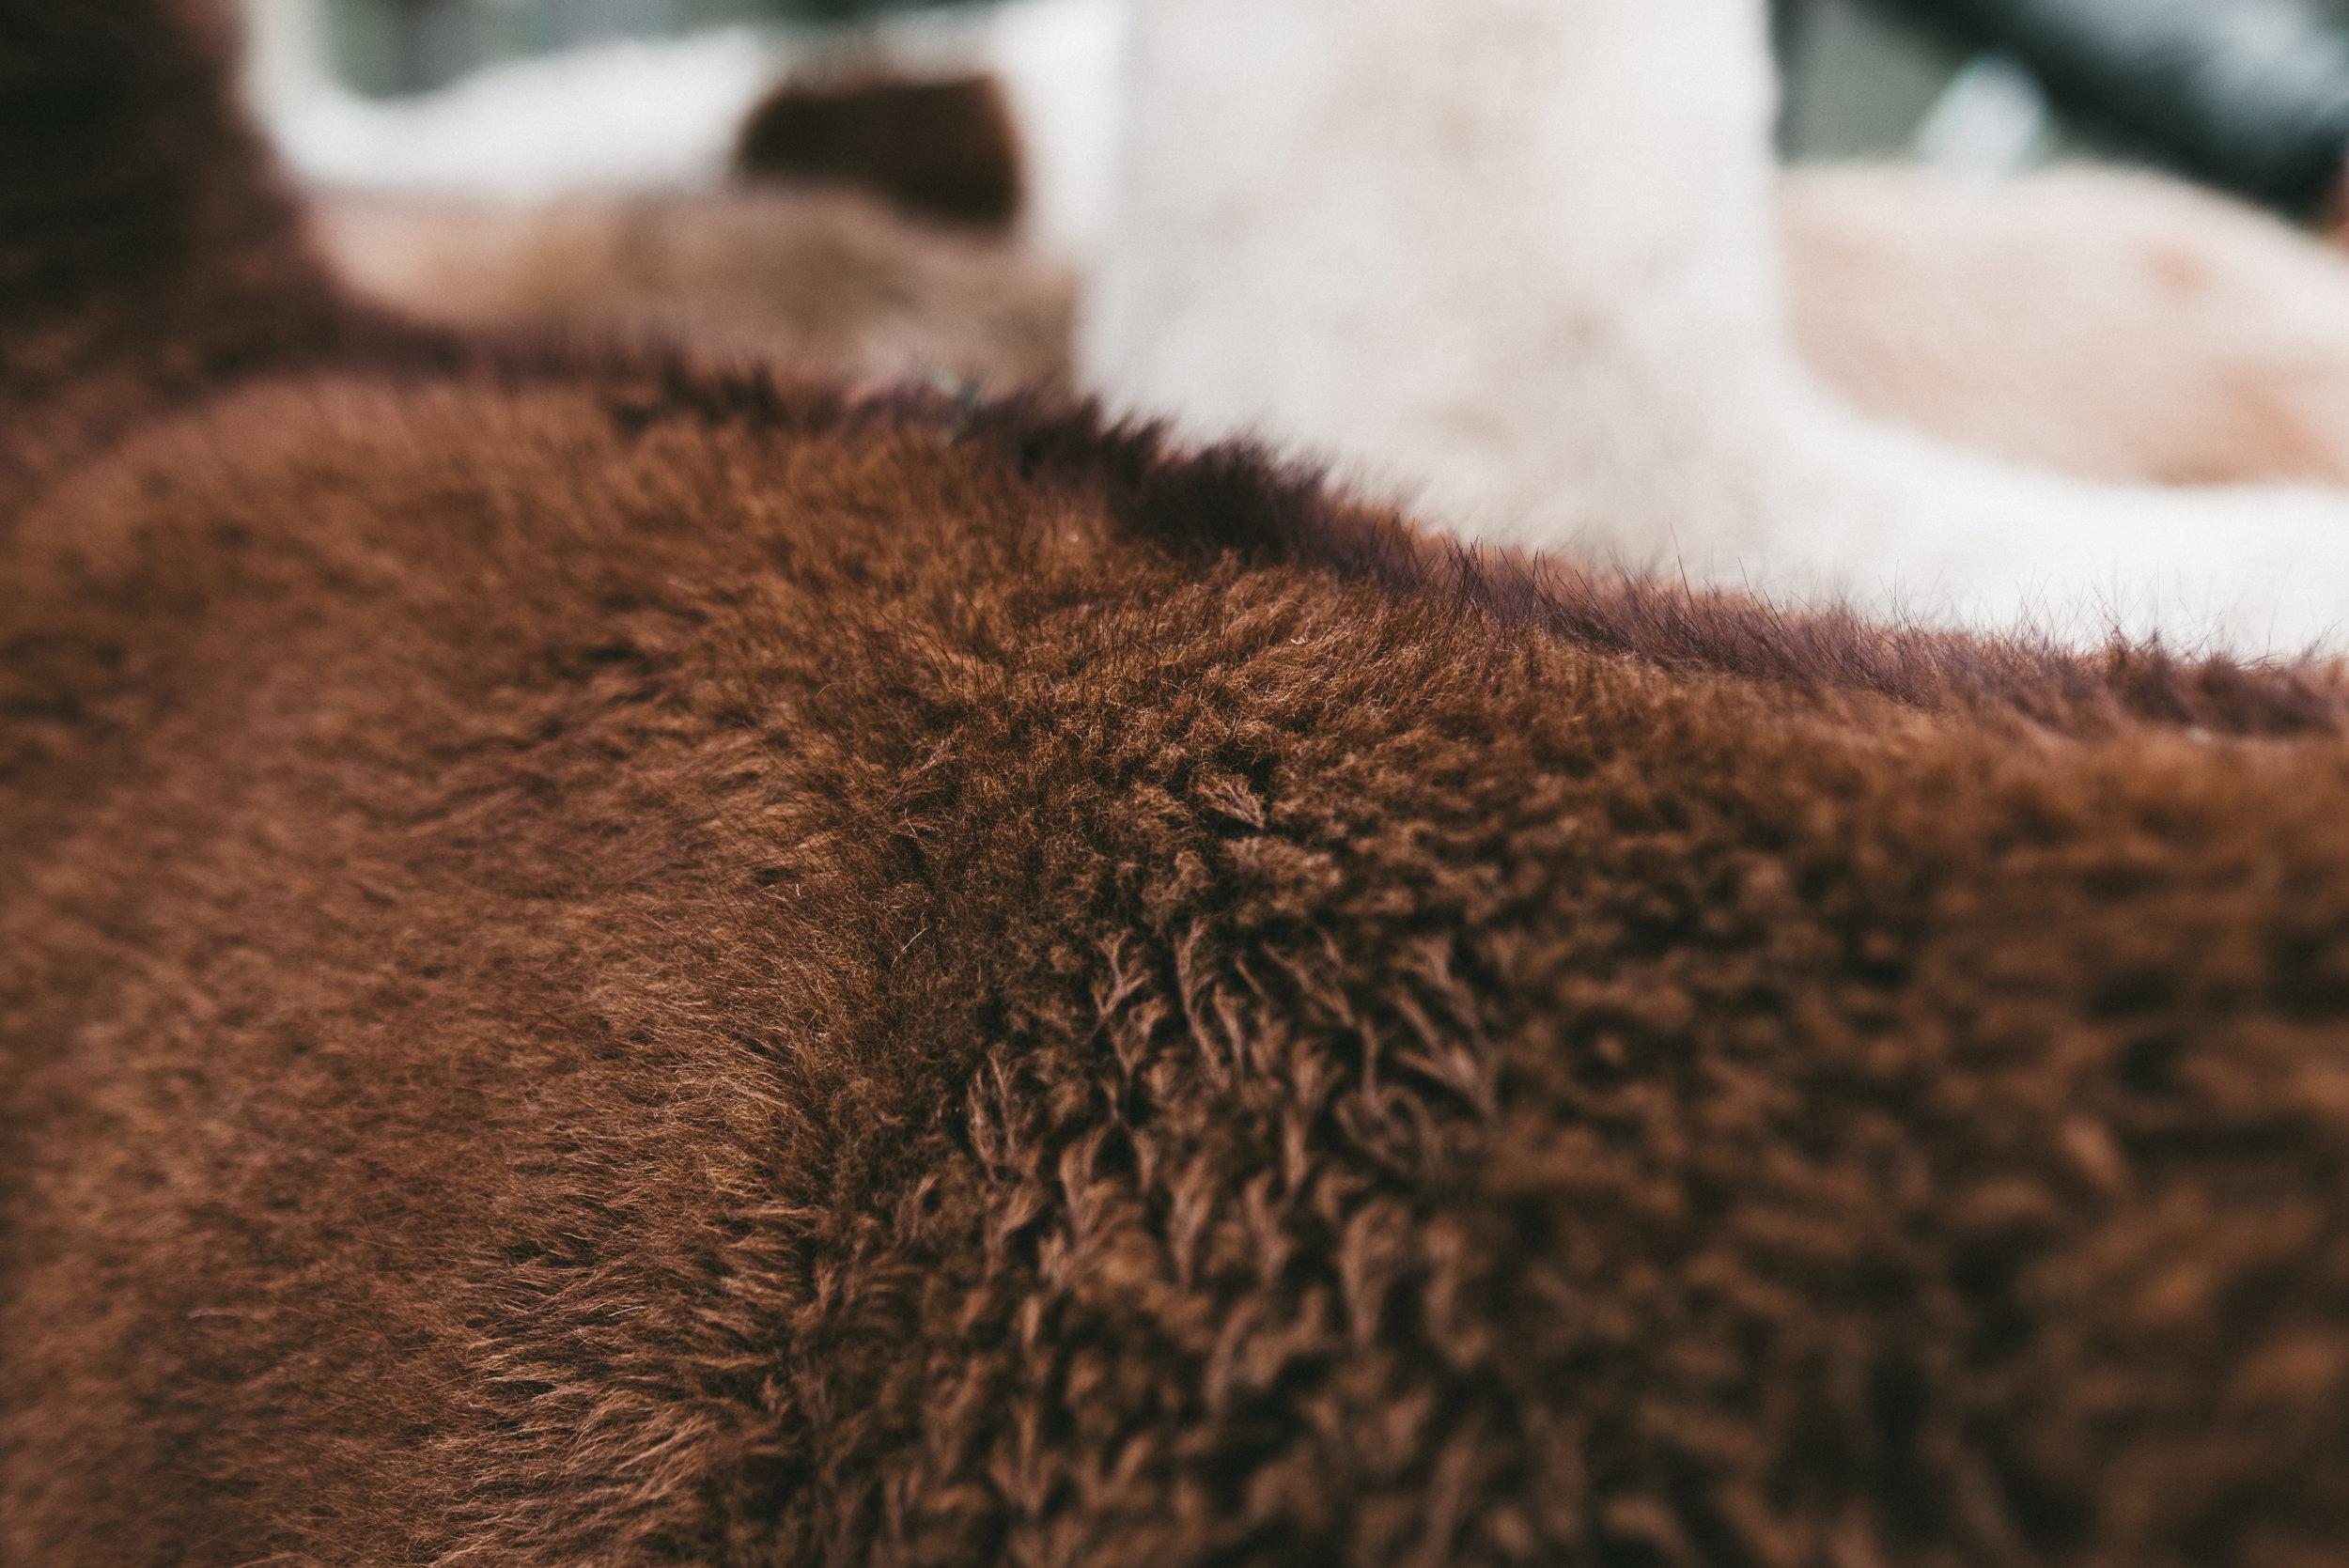 Pflegen und hegen. - Damit dein Lama-Stirnband oder deine Lama-Mütze ein Leben lang hält, pflege und hege es: Lüfte es immer mal wieder an einem geschützten Plätzli an der frischen Luft aus. Wasche es, wenn nötig, bei sanftem Wollwaschgang mit natürlichem Waschmittel. Denn ein Naturprodukt braucht Natur. Die pflanzengefärbten Unikate nicht an der Sonne aufbewahren, da sonst die Farbe über die Jahre verblassen könnte. Auch dann kann es einfach wieder nachgefärbt werden. Ob von dir selbst oder von uns. Jedoch wird jede Pflanzenfärbung einmalig und ist nicht immer identisch mit der vorherigen Farbnuance. Wenn irgendetwas sein sollte mit deinem Unikat, melde dich gern bei mir. Mir ist es wichtig, dass du es mit Freude trägst. Ein Leben lang. Kontakt